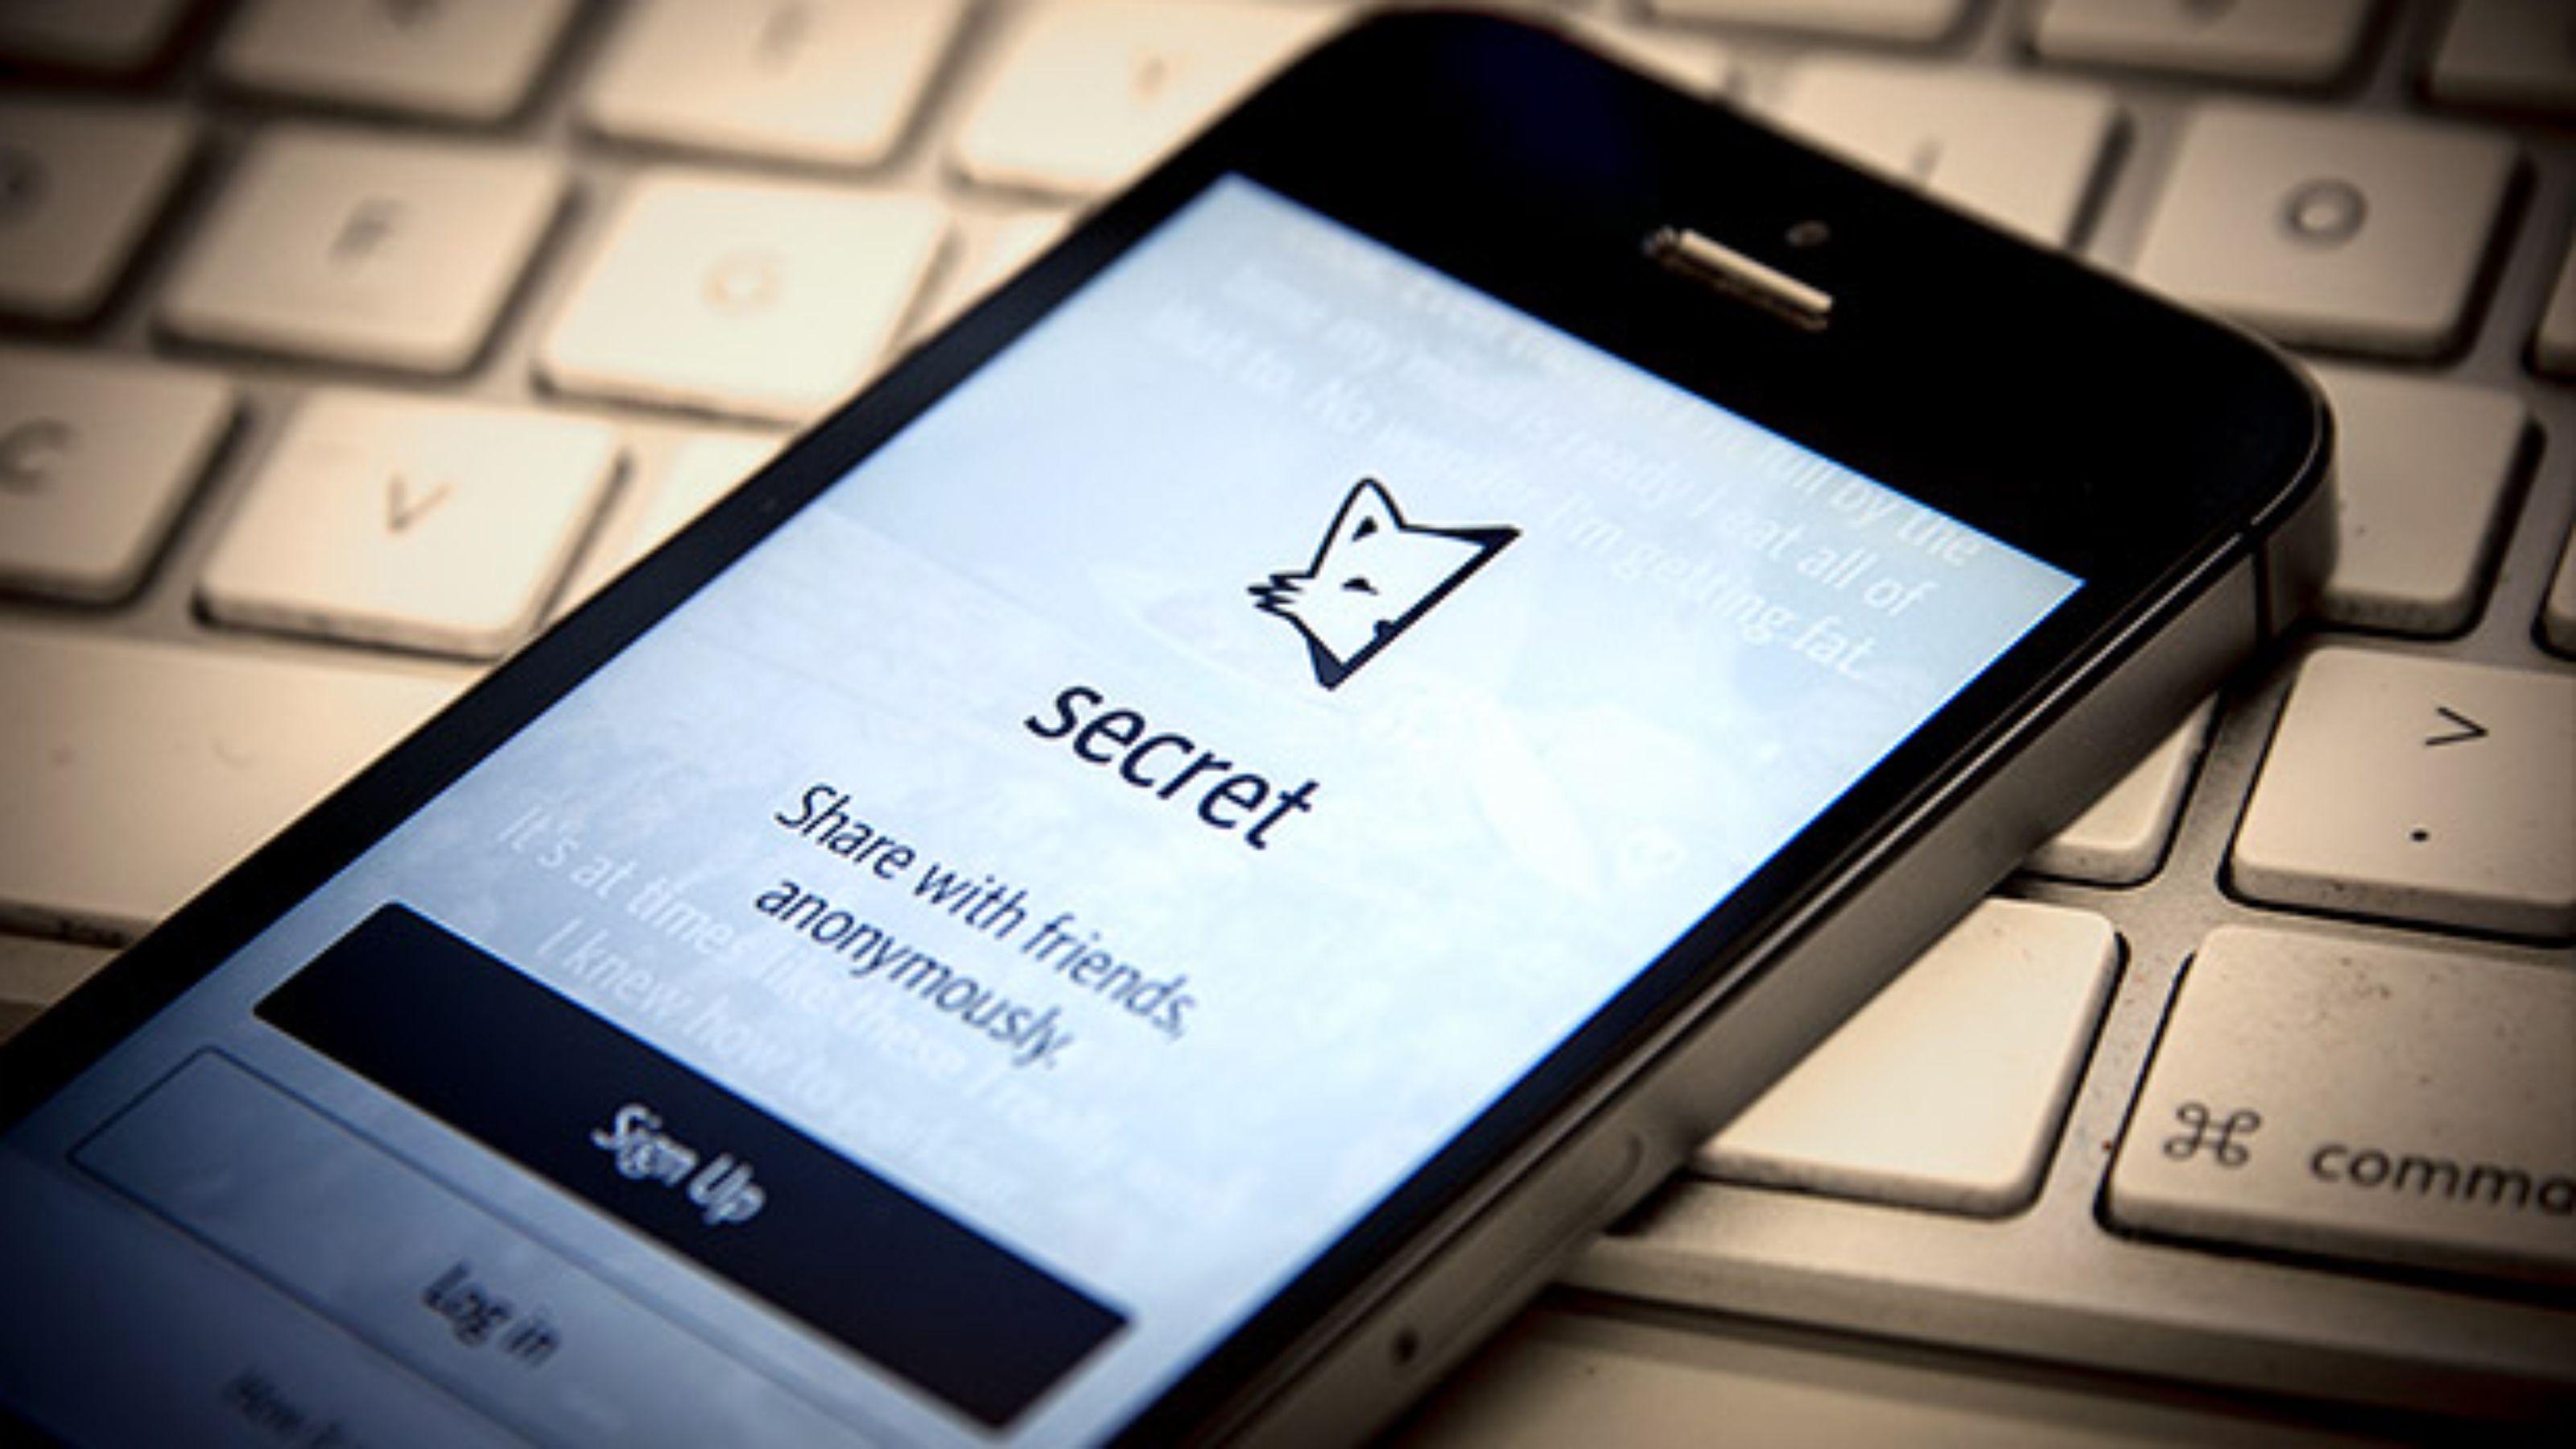 Анонимная социальная сеть Secret может восстановить работу